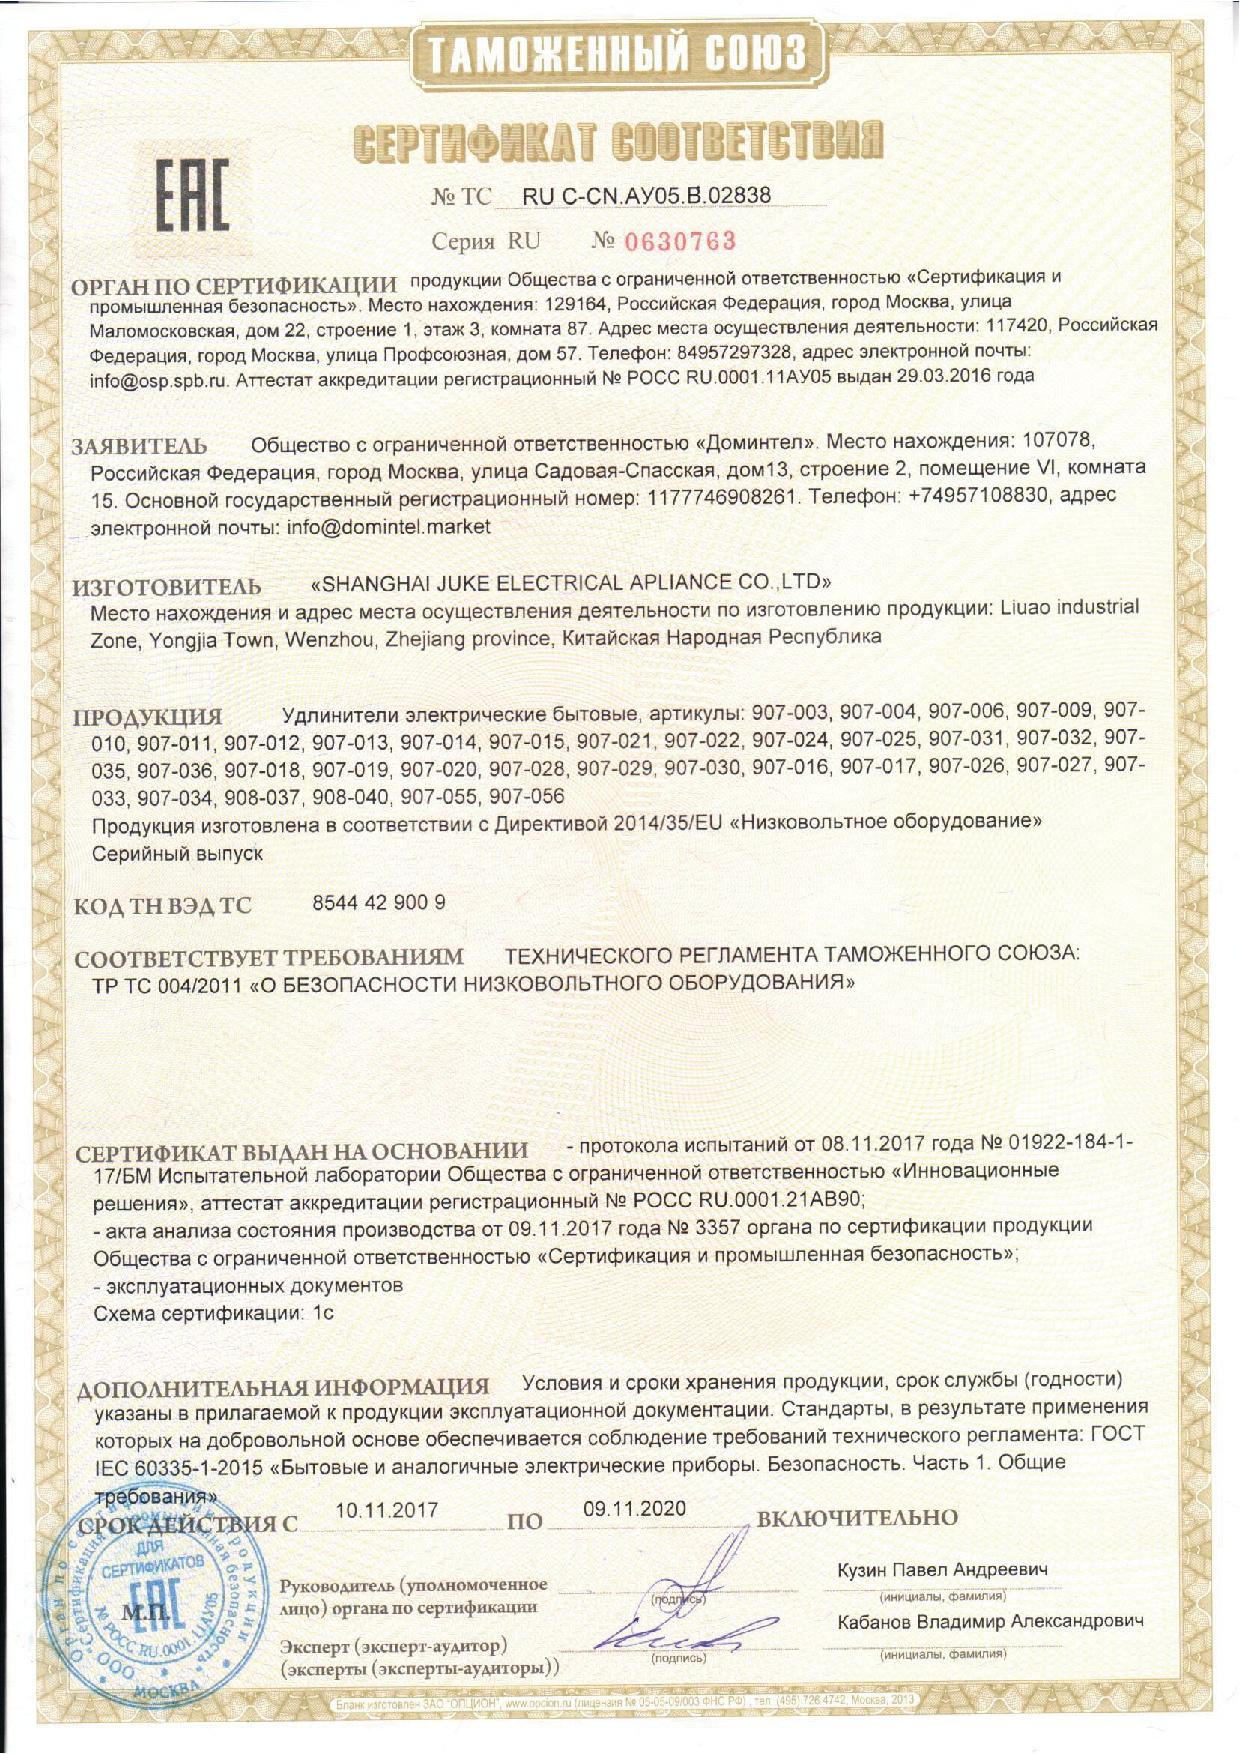 RUS-CN.AU05.V.02838.jpg